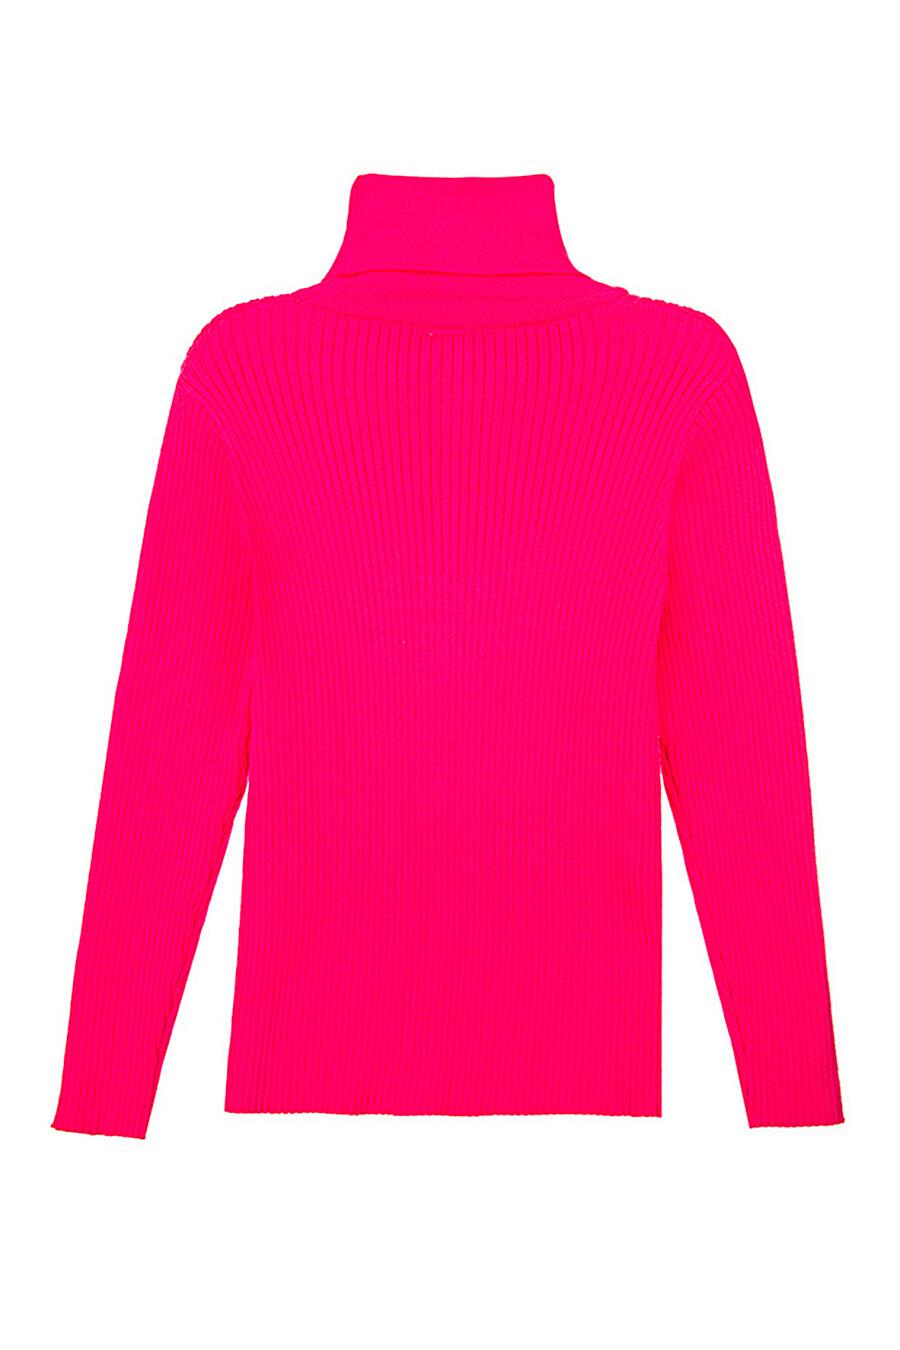 Свитер для девочек PLAYTODAY 239222 купить оптом от производителя. Совместная покупка детской одежды в OptMoyo